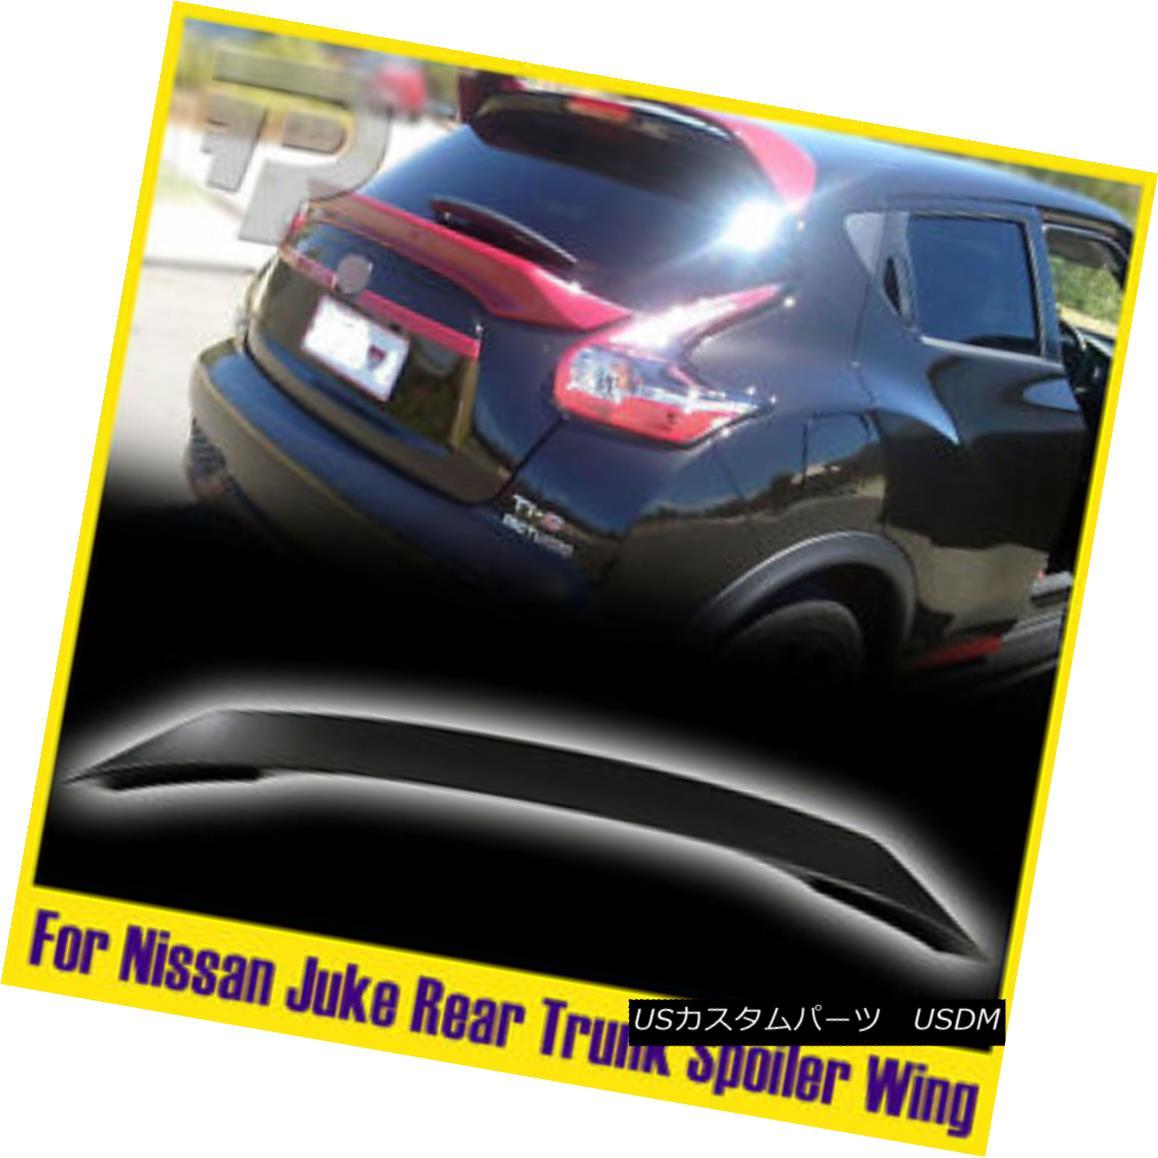 エアロパーツ UNpainted For Nissan Juke F15 SUV Hatchback 5DR Rear Trunk Spoiler Boot 16 SV SL 日産ジュークF15 SUVハッチバック5DRリアトランク・スポイラー・ブート16 SV SL用未塗装